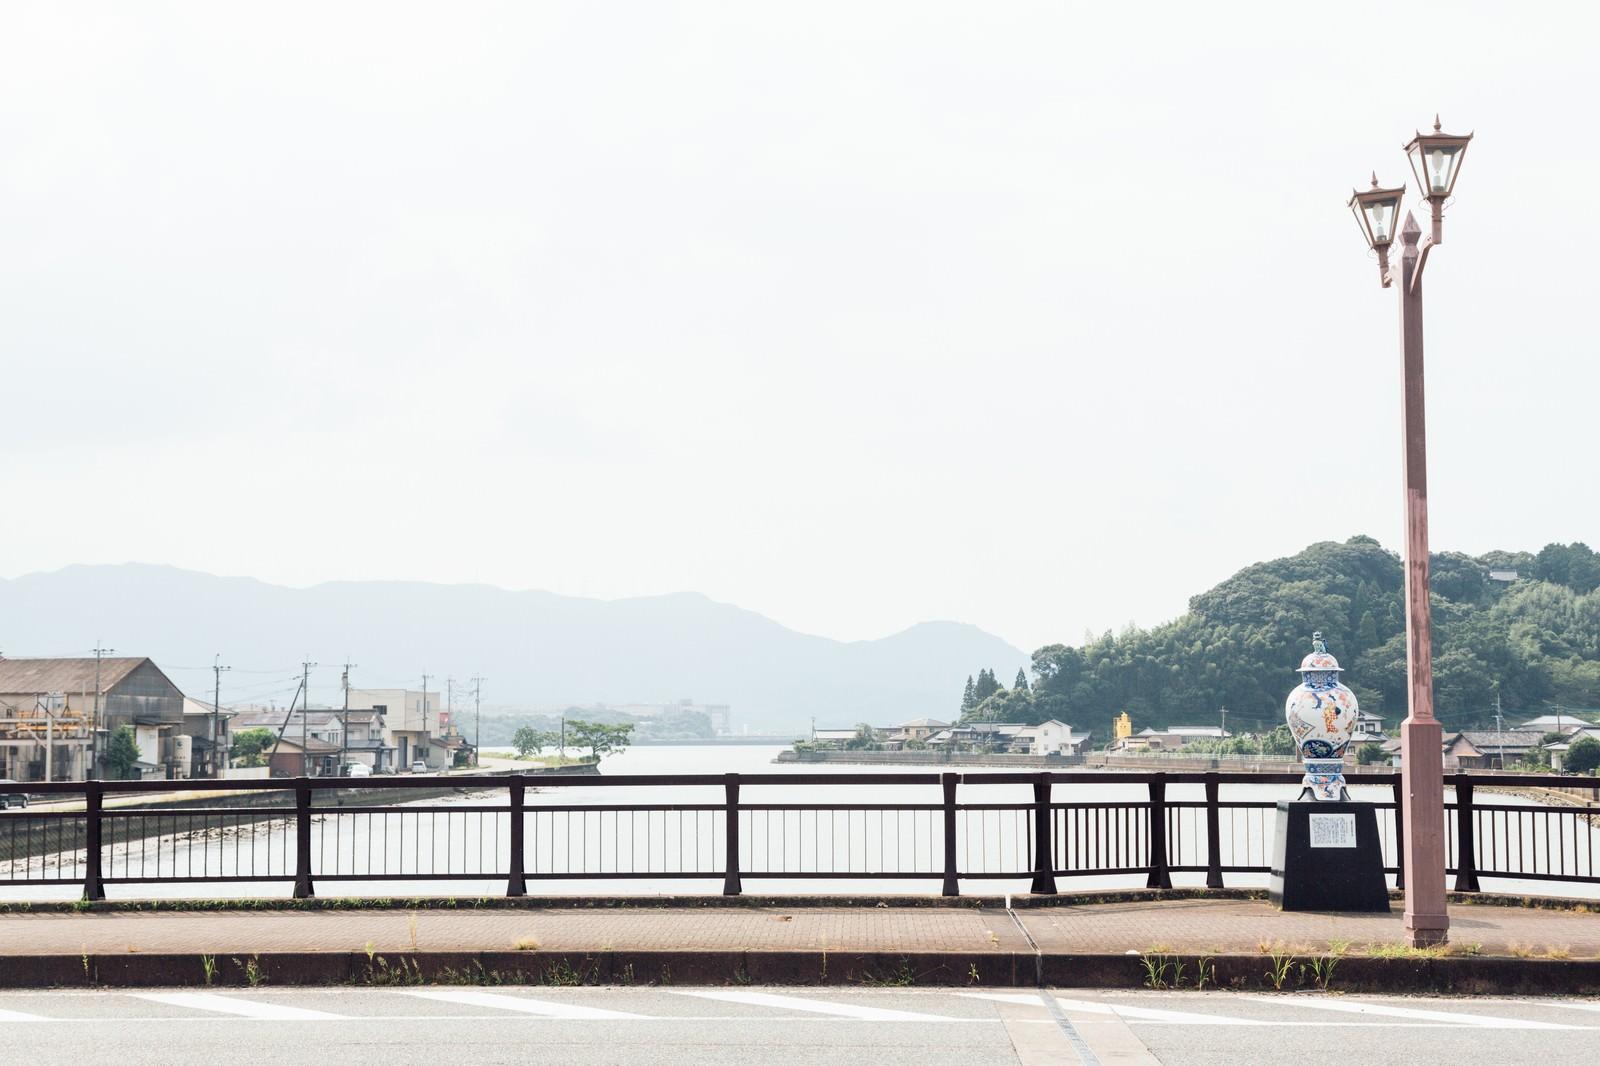 「伊萬里津大橋と大壷伊萬里津大橋と大壷」のフリー写真素材を拡大